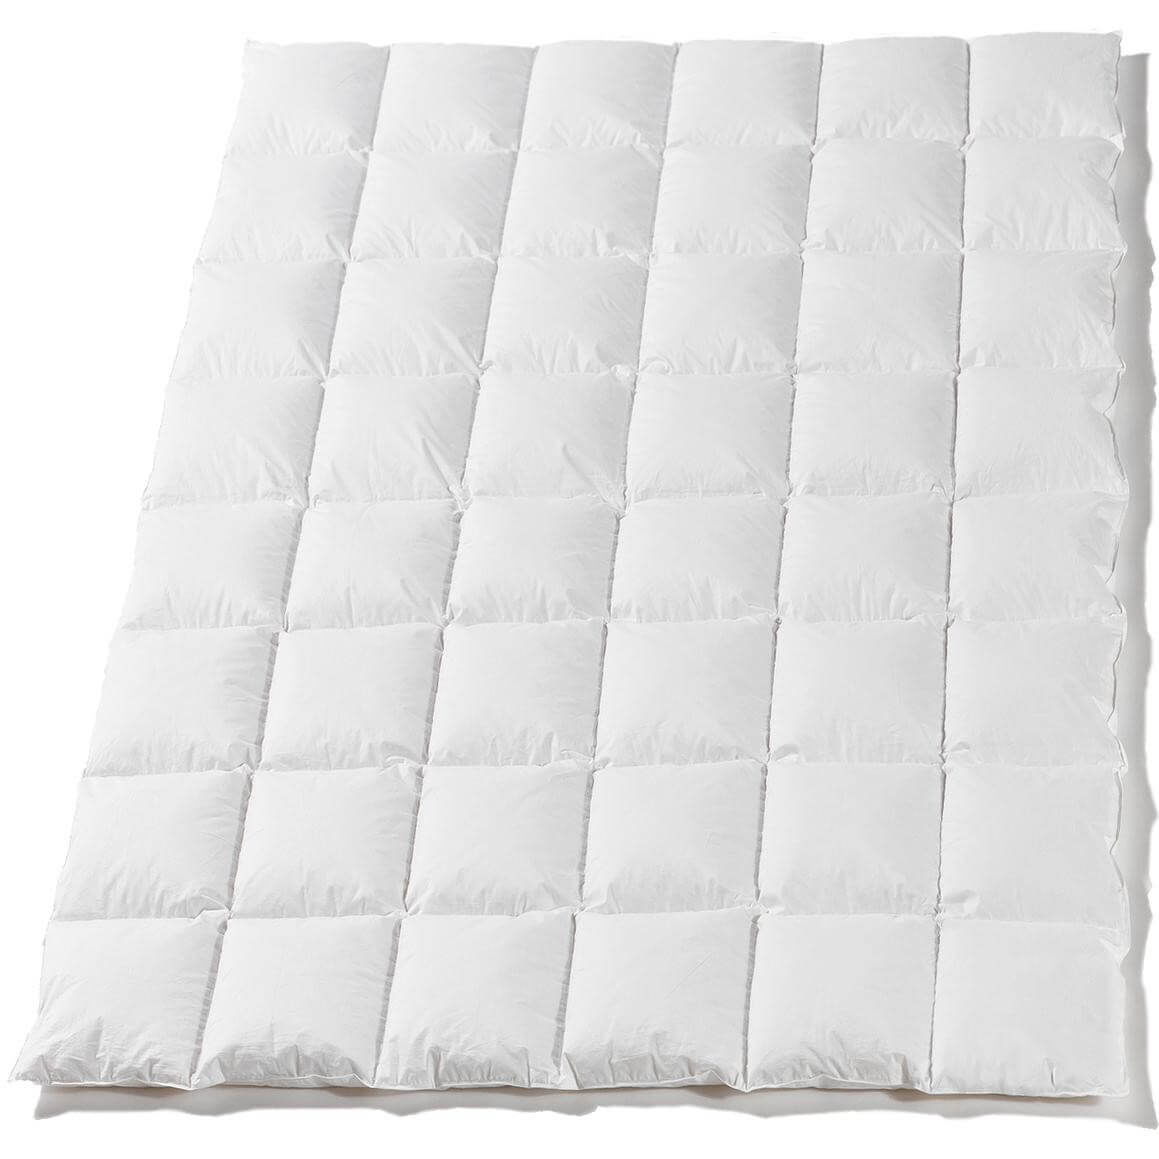 bettdecken gegen schwitzen bettw sche im trockner verknotet helene fischer schlafzimmer ideen. Black Bedroom Furniture Sets. Home Design Ideas